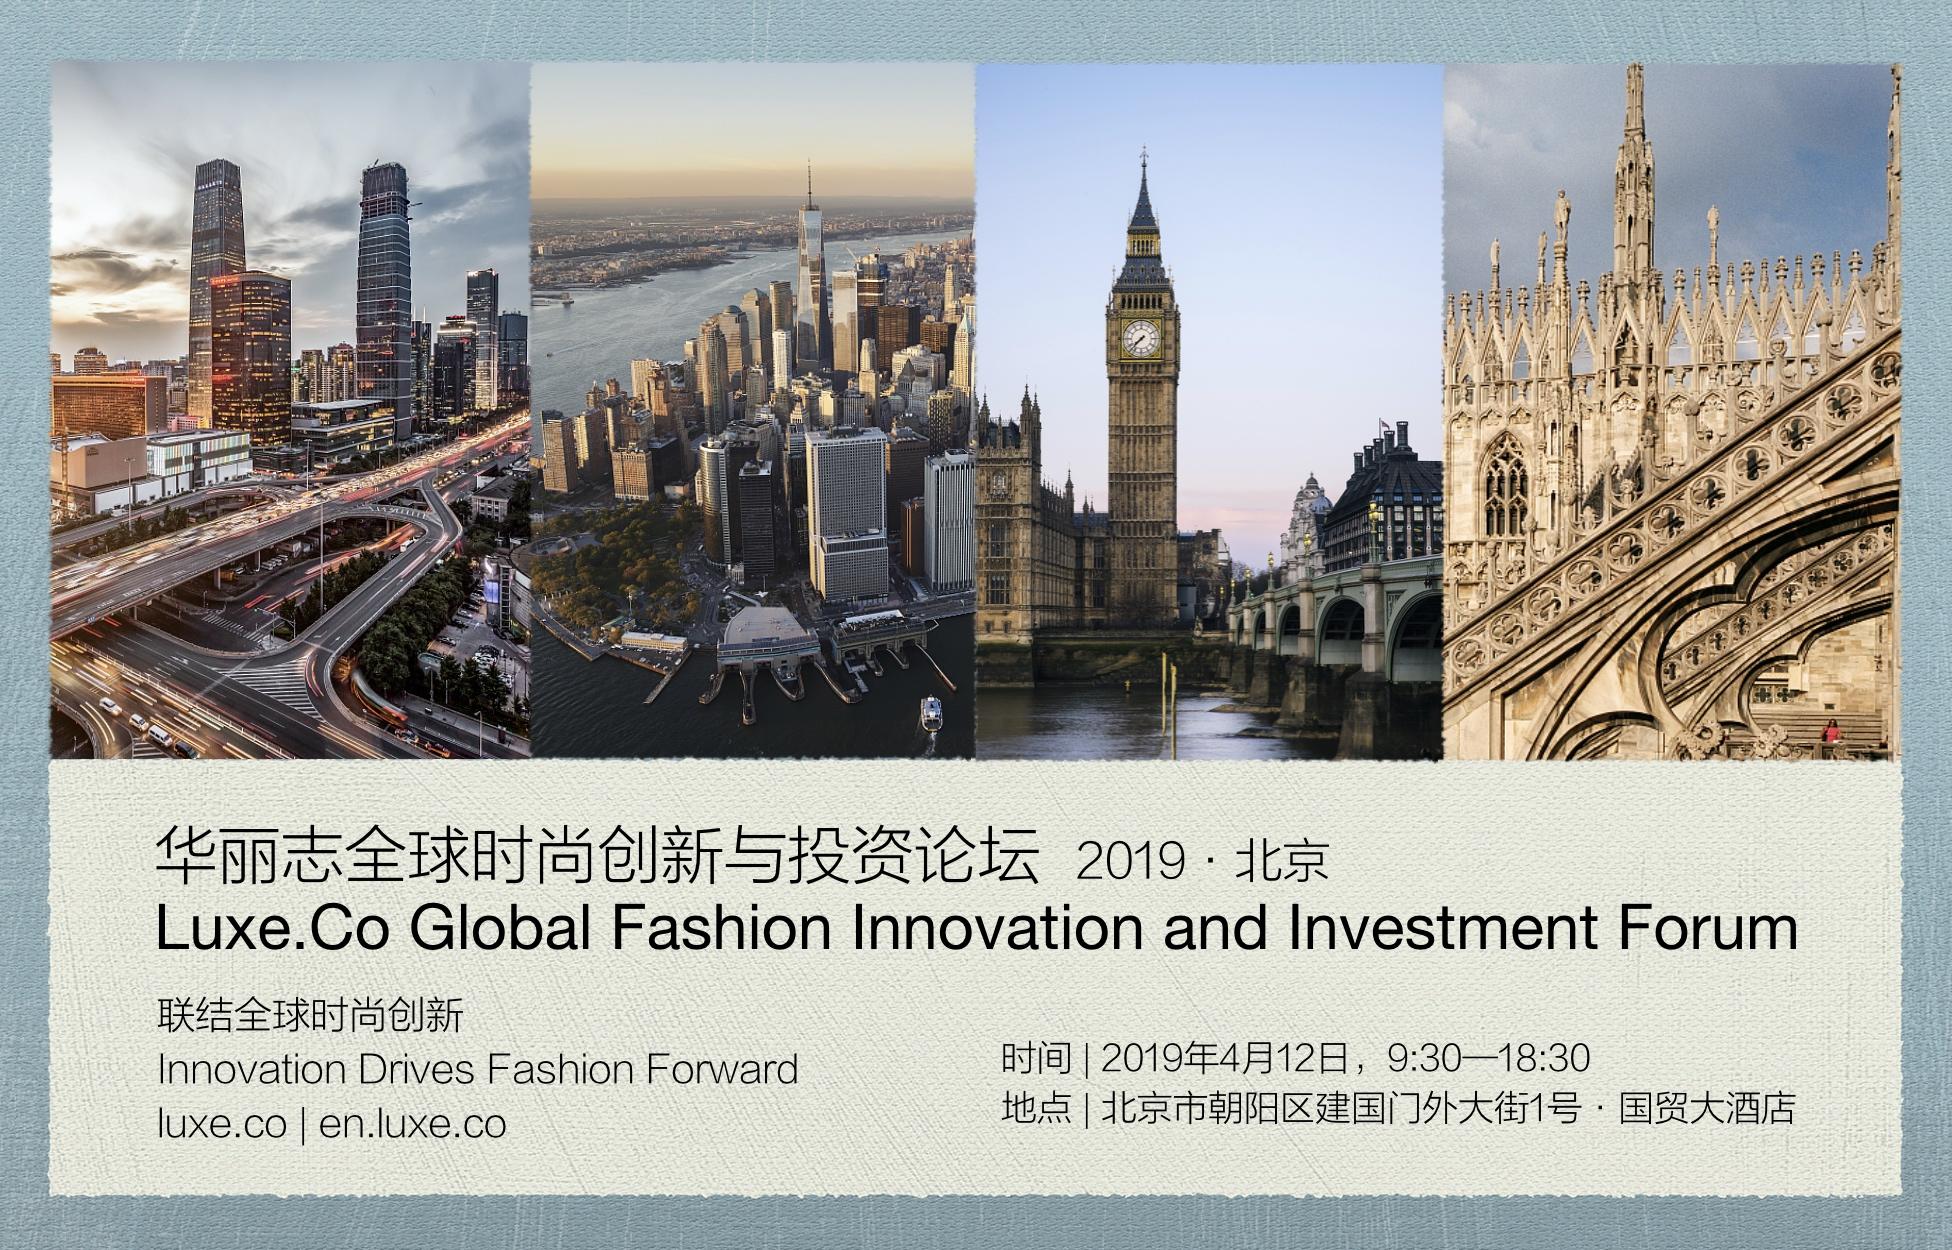 华丽志全球时尚创新与投资论坛 2019 开启大幕:4月12日@北京